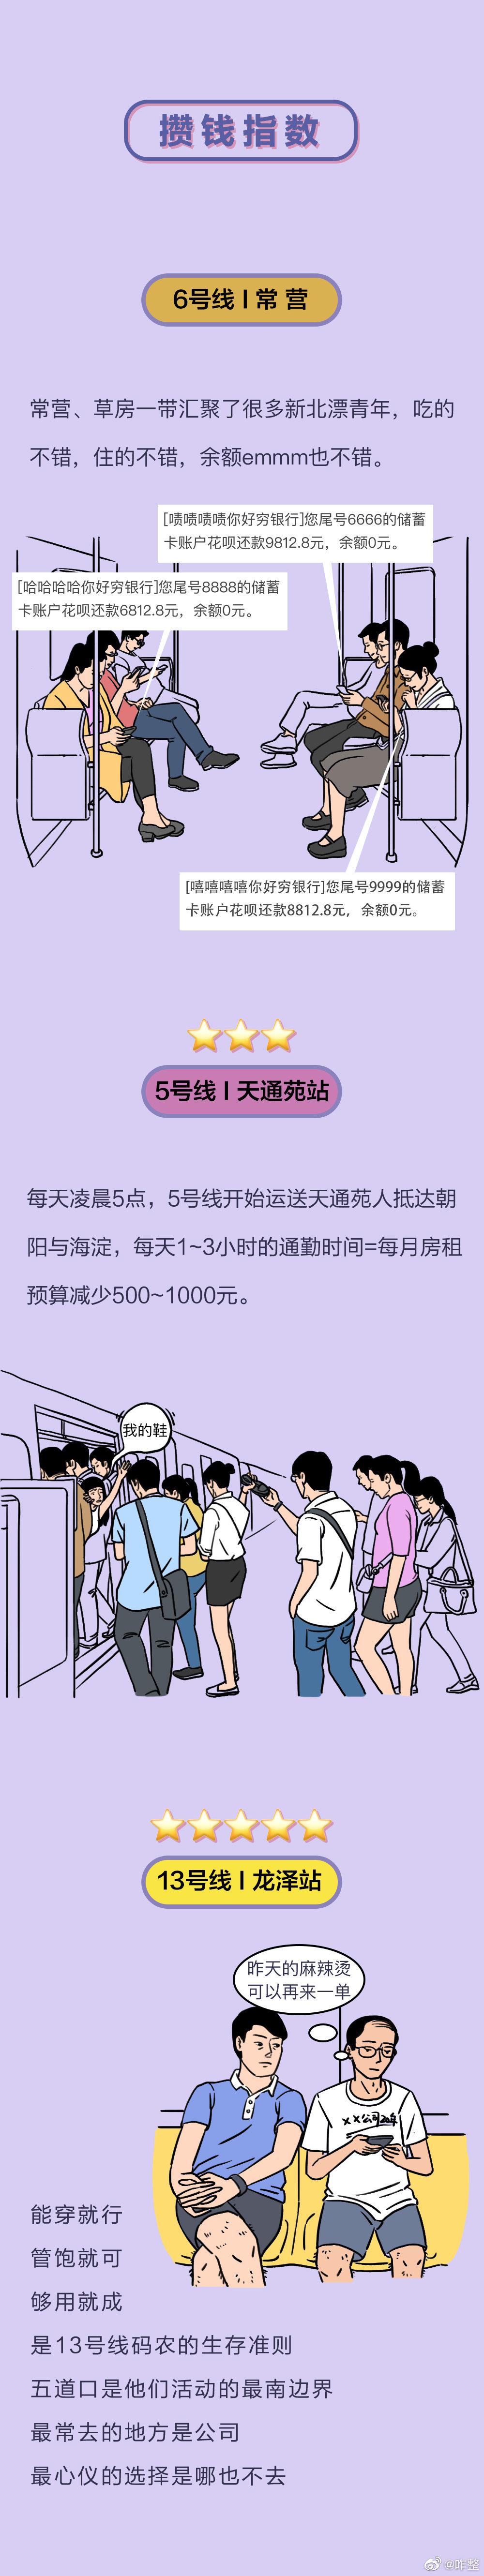 北京地铁图鉴:西二旗没有大胸,八通线不相信爱情